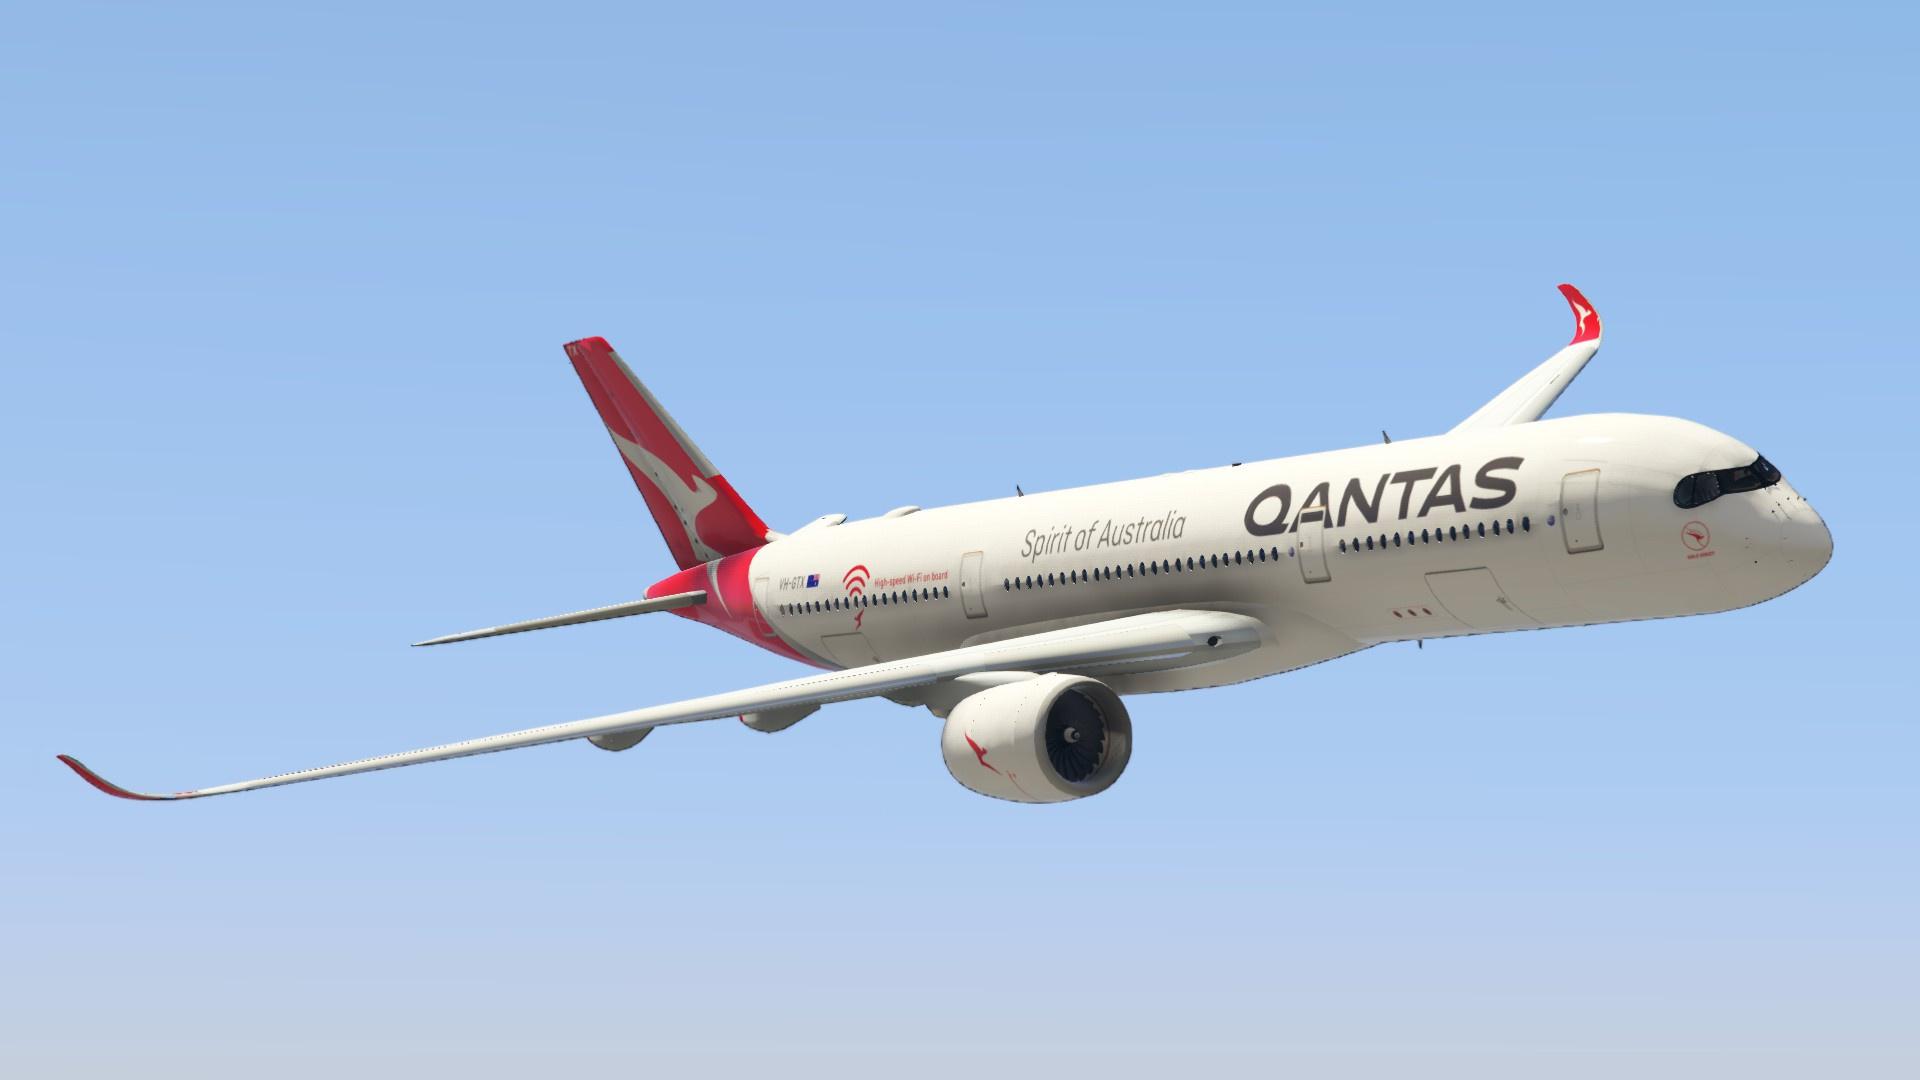 Qantas Airbus A350 Gta5 Mods Com